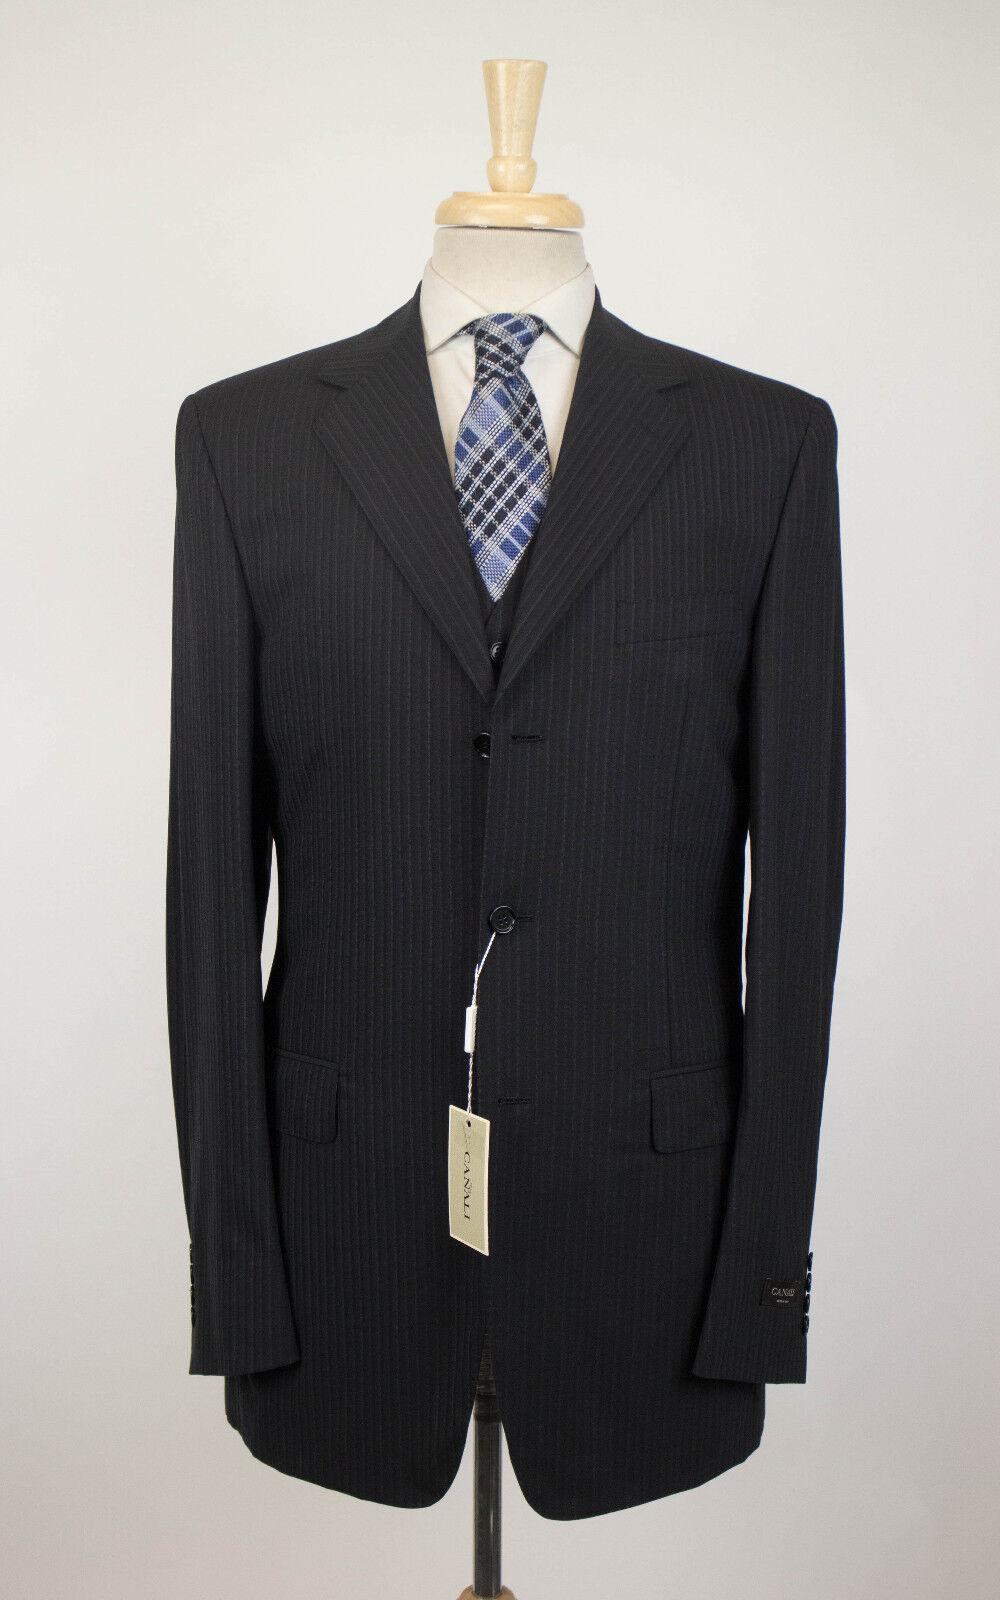 Nwt Canali Schwarz Gestreift Wolle 3 Knöpfe Anzug 3-teilig Größe 46 36 XL Drop   | Adoptieren  | Vielfalt  |